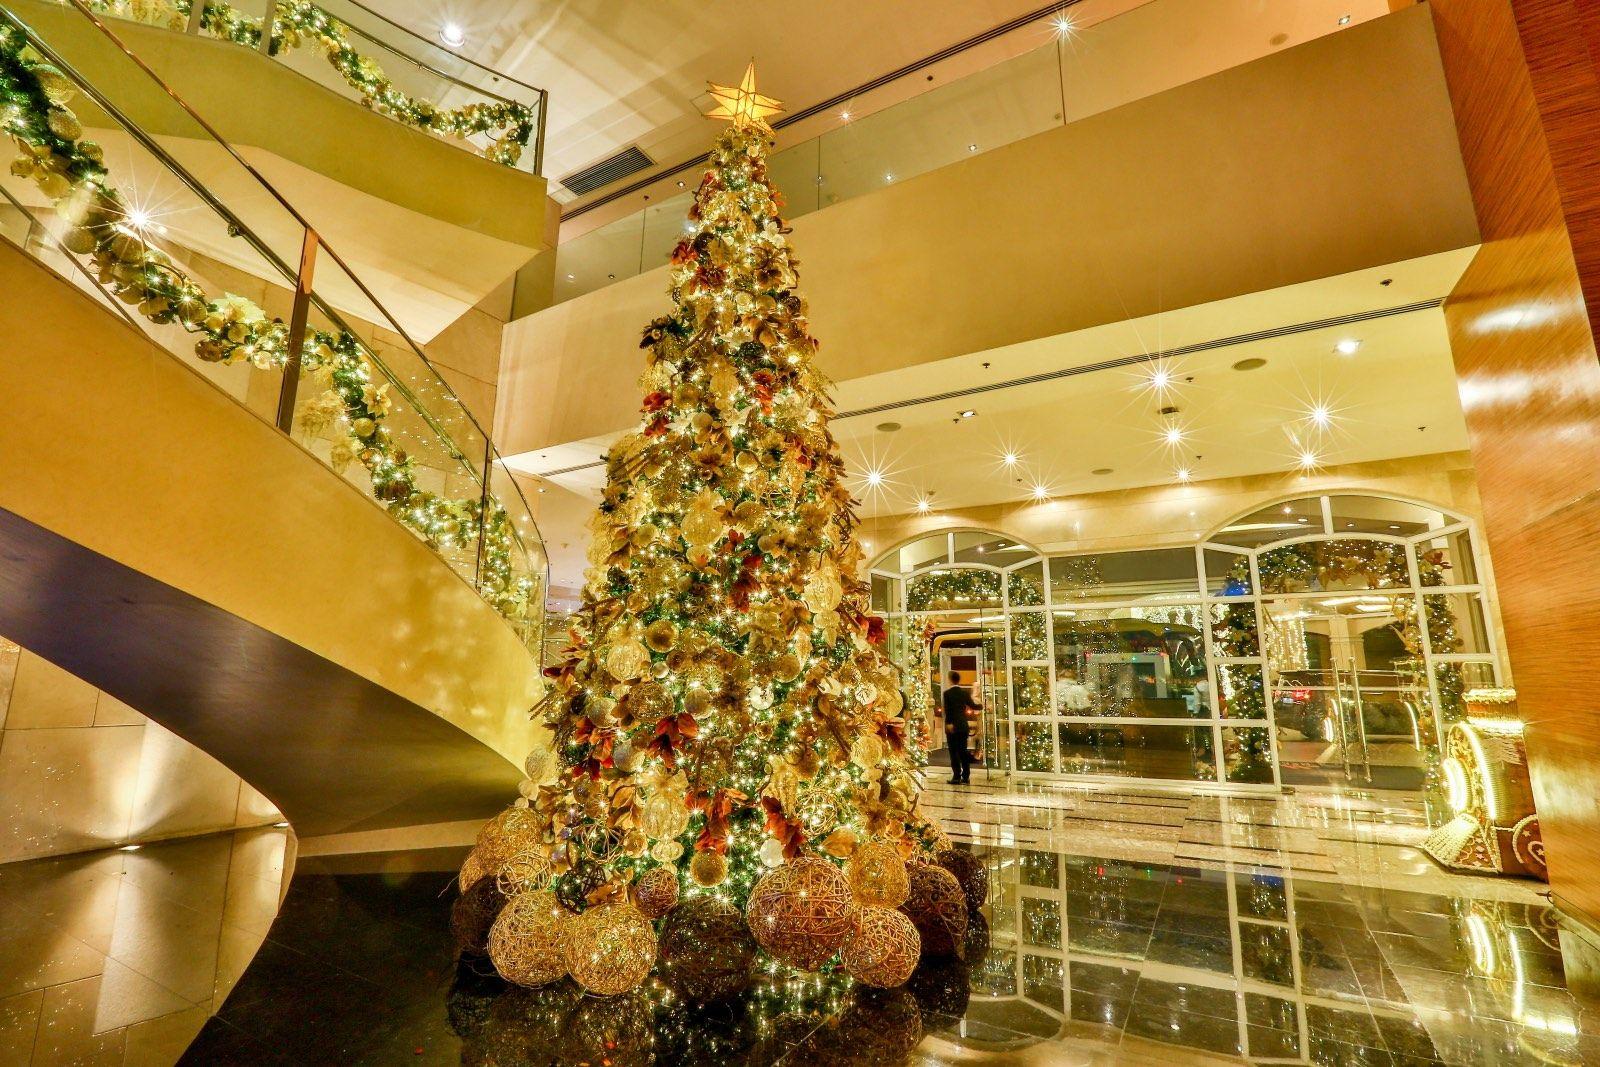 Photo: Courtesy of Marriott Manila